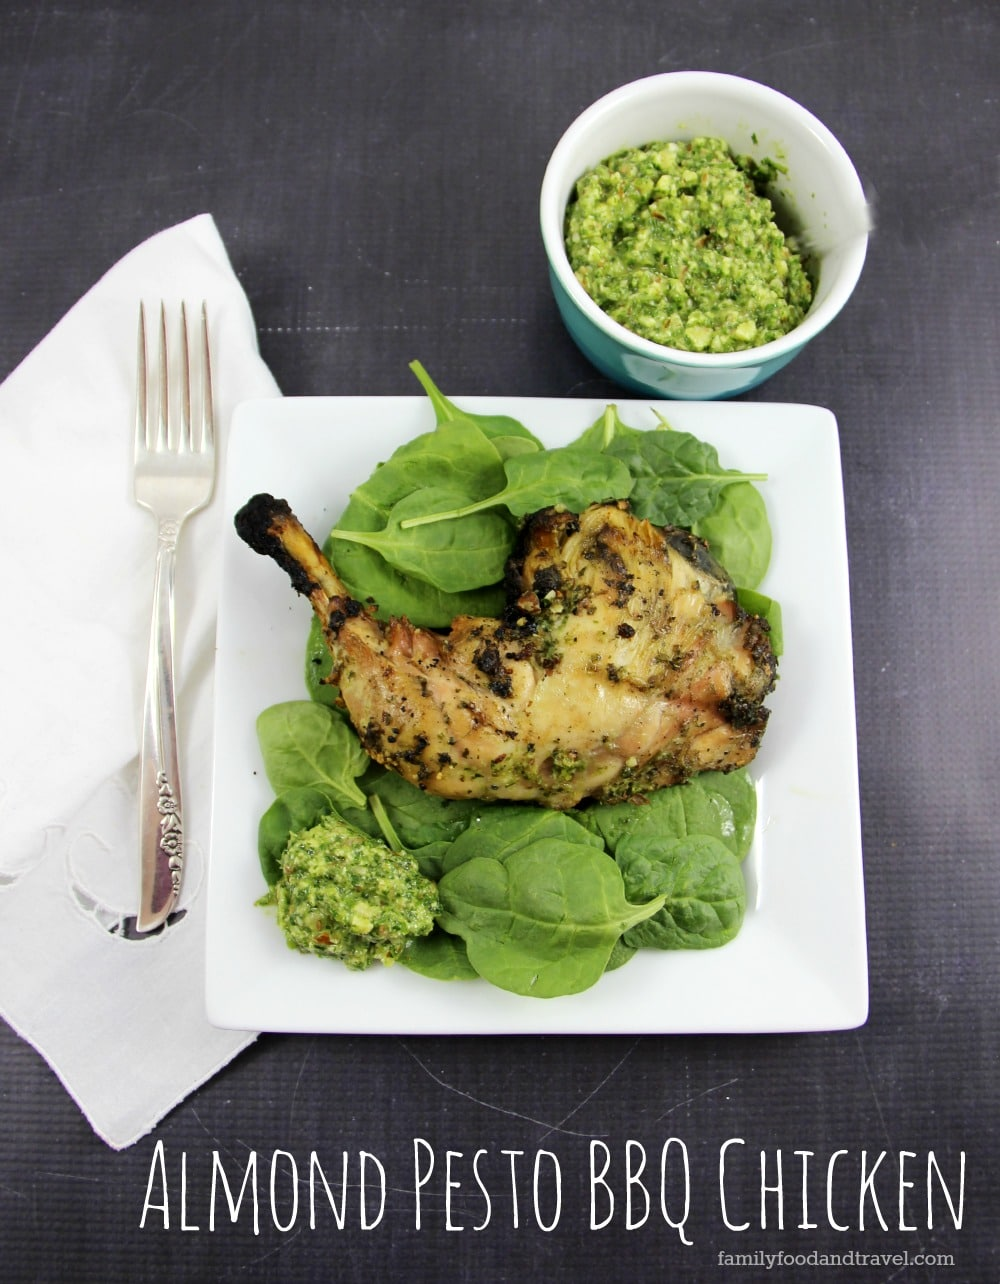 Almond Pesto BBQ Chicken